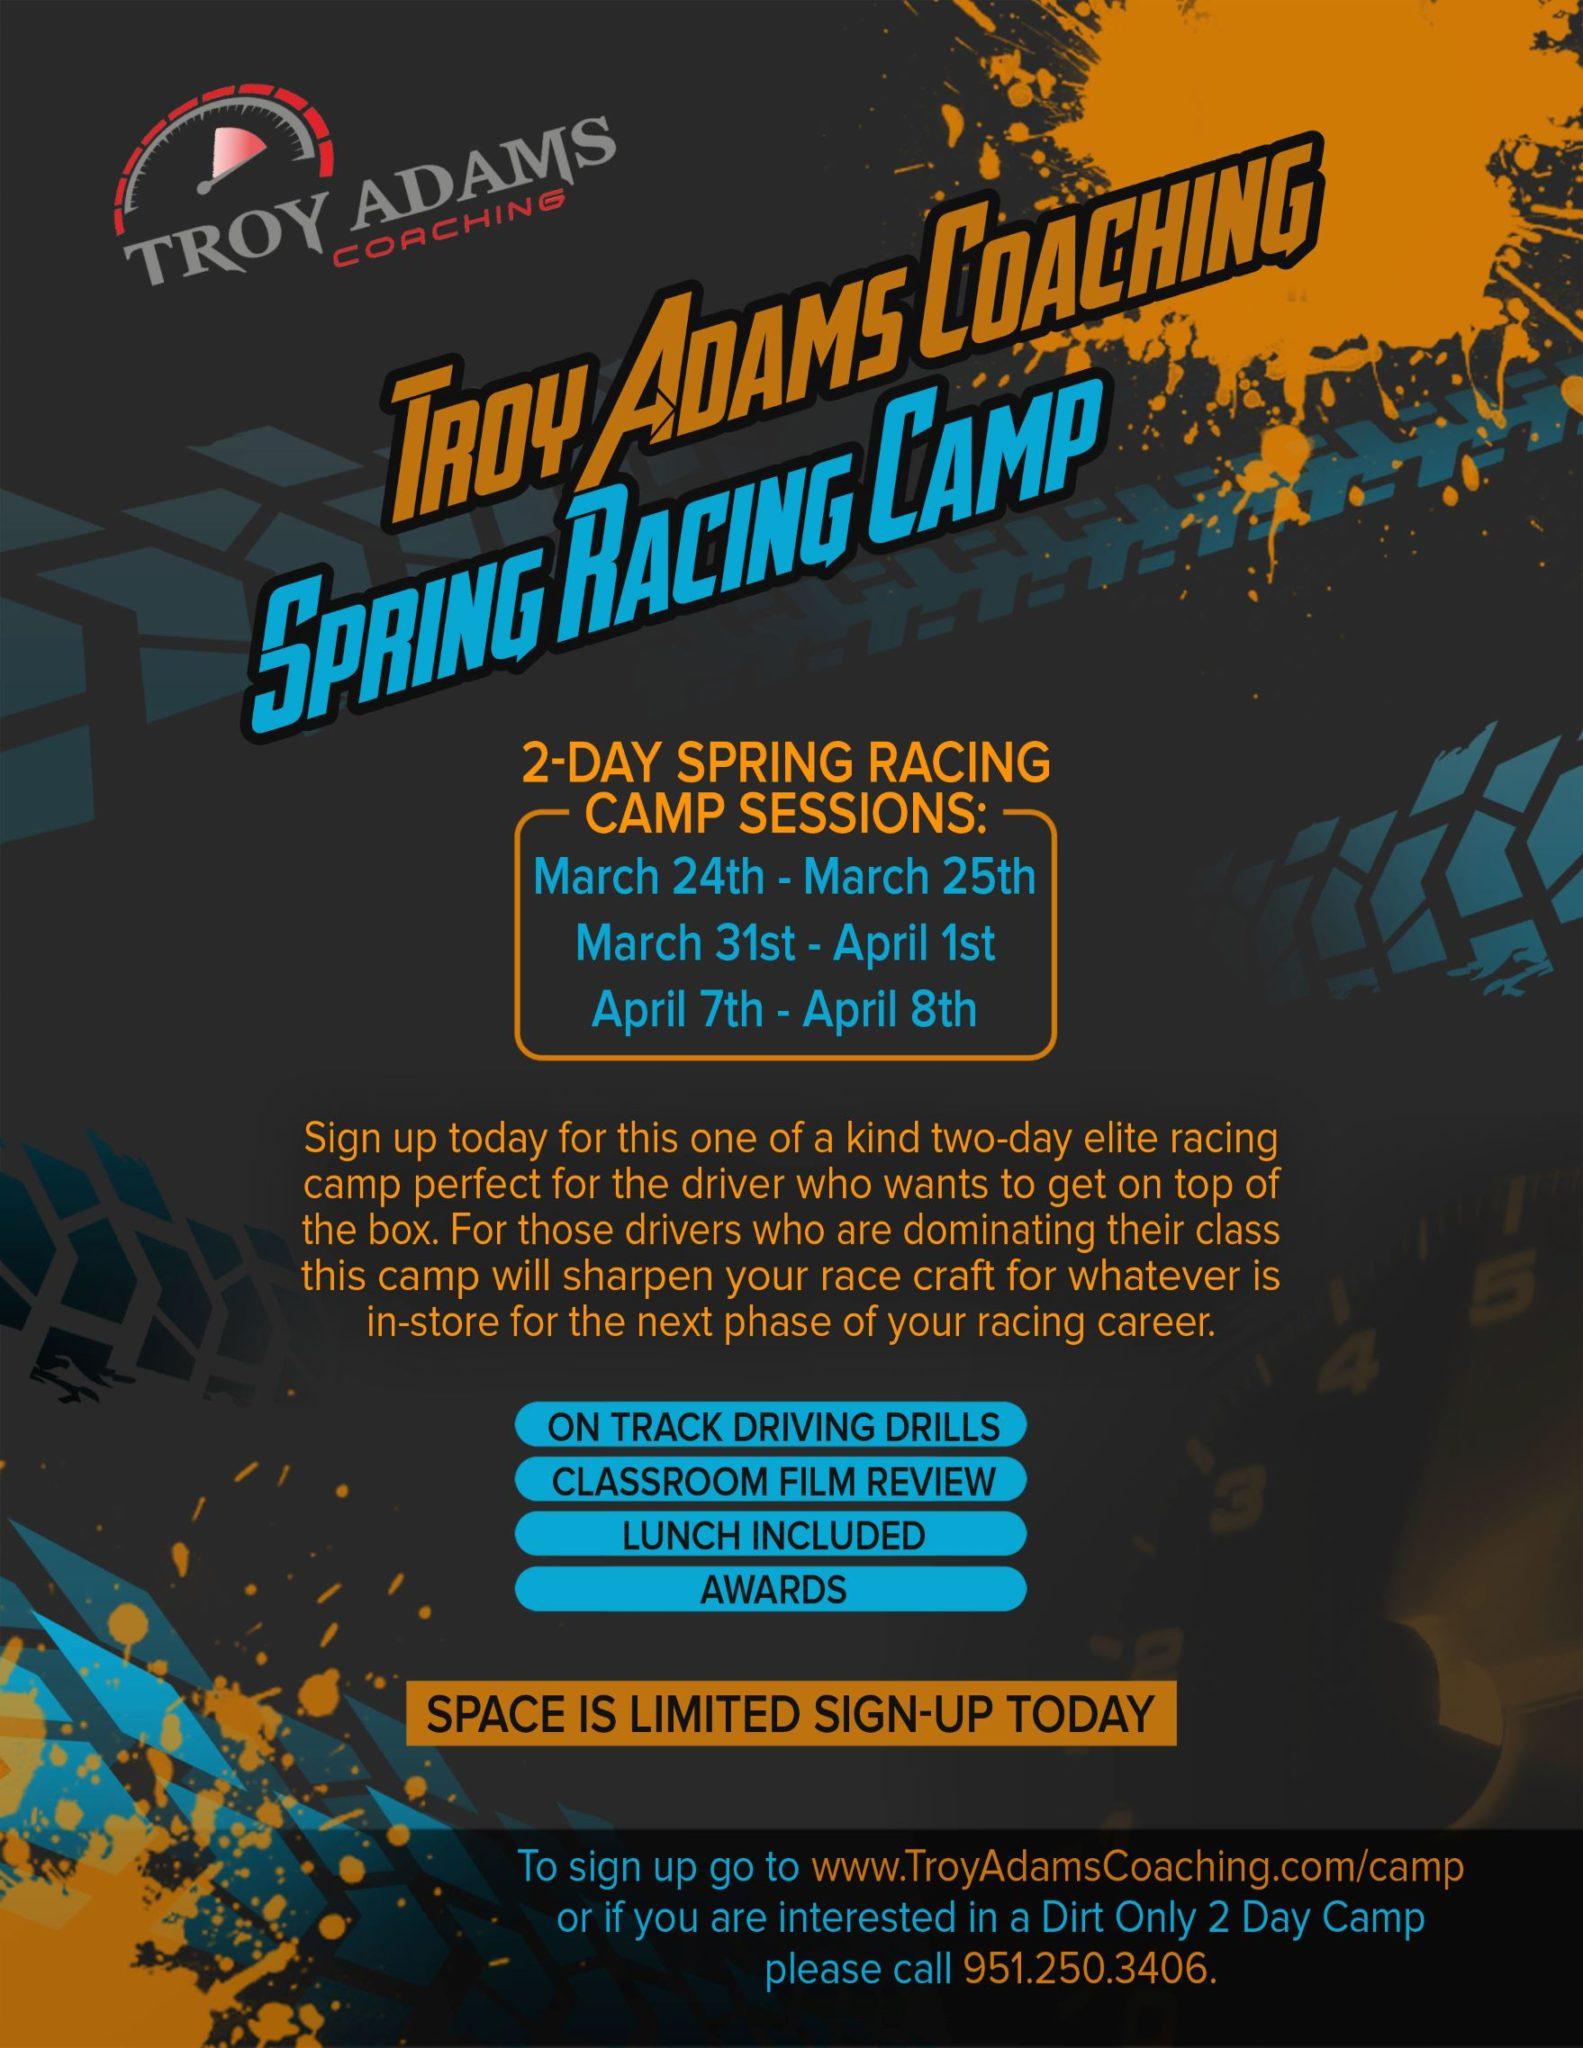 Spring Racing Camp